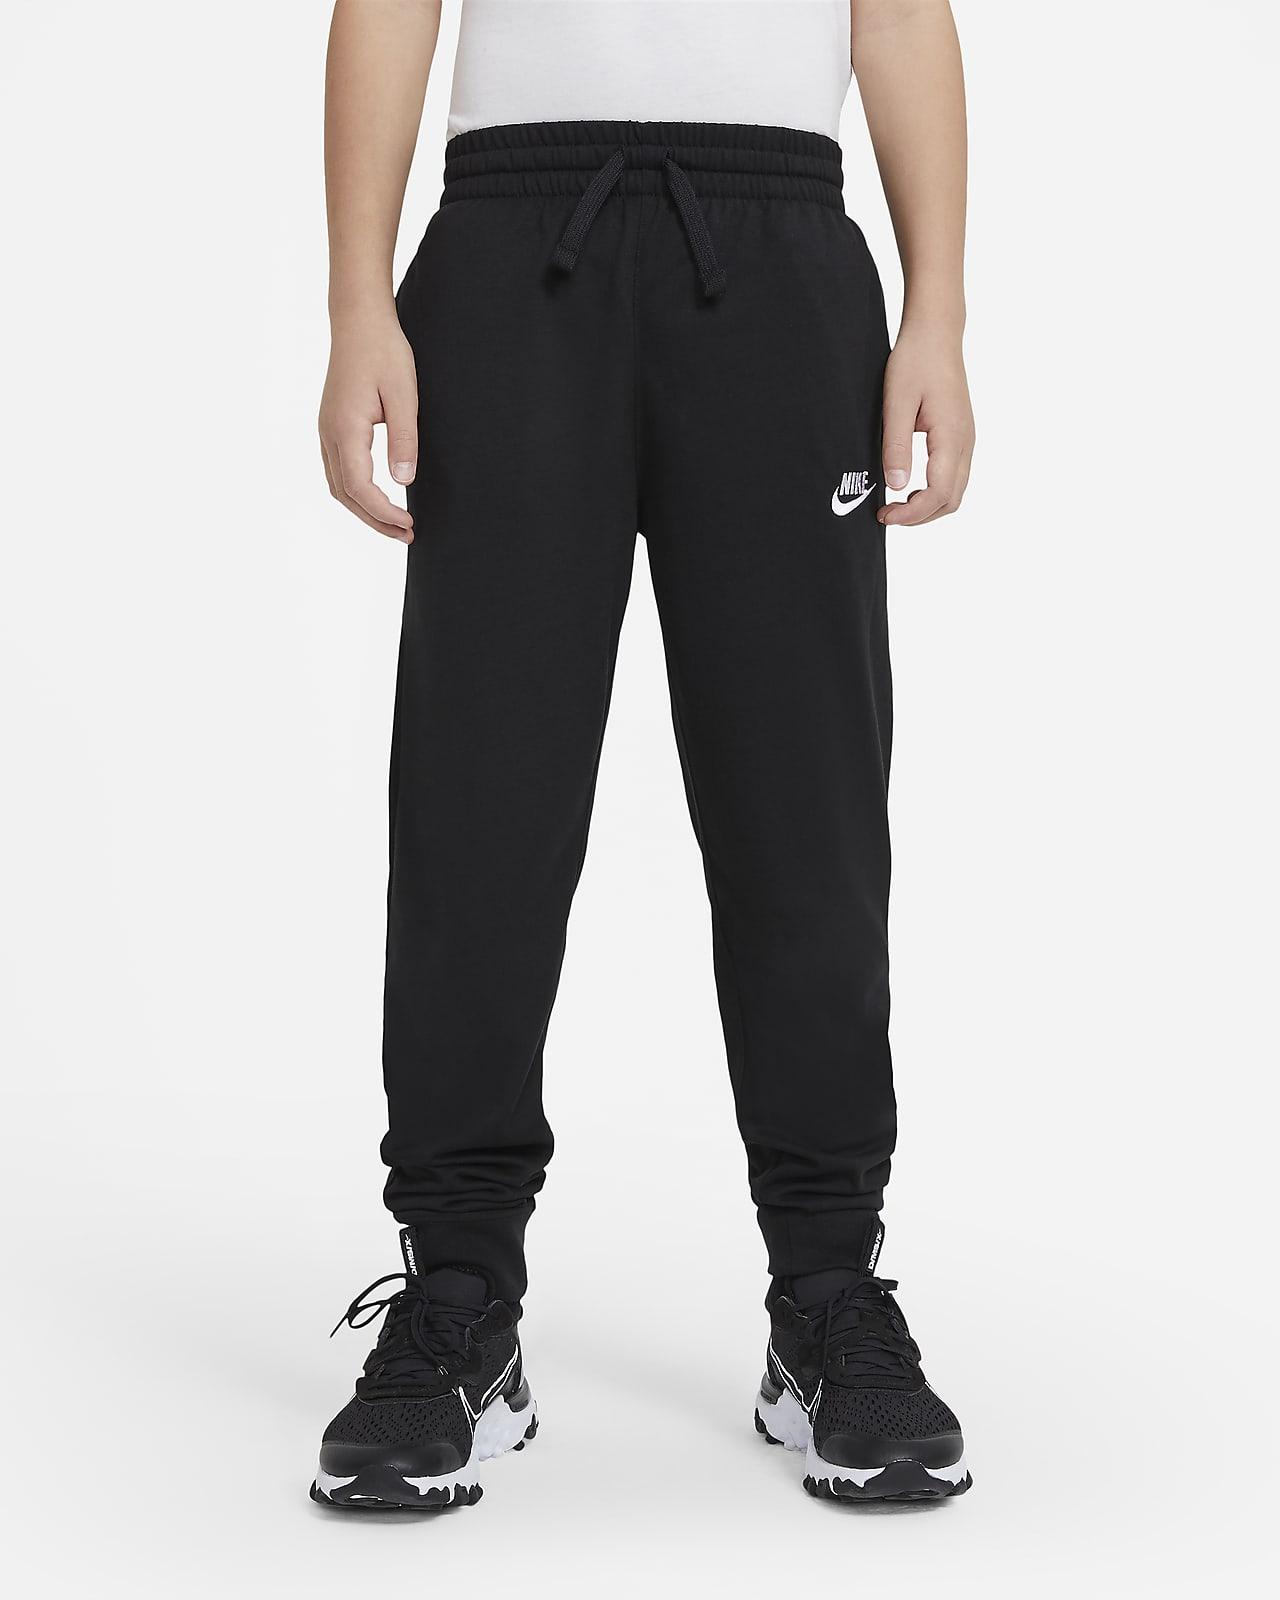 Nike Sportswear Big Kids' (Boys') Jersey Joggers